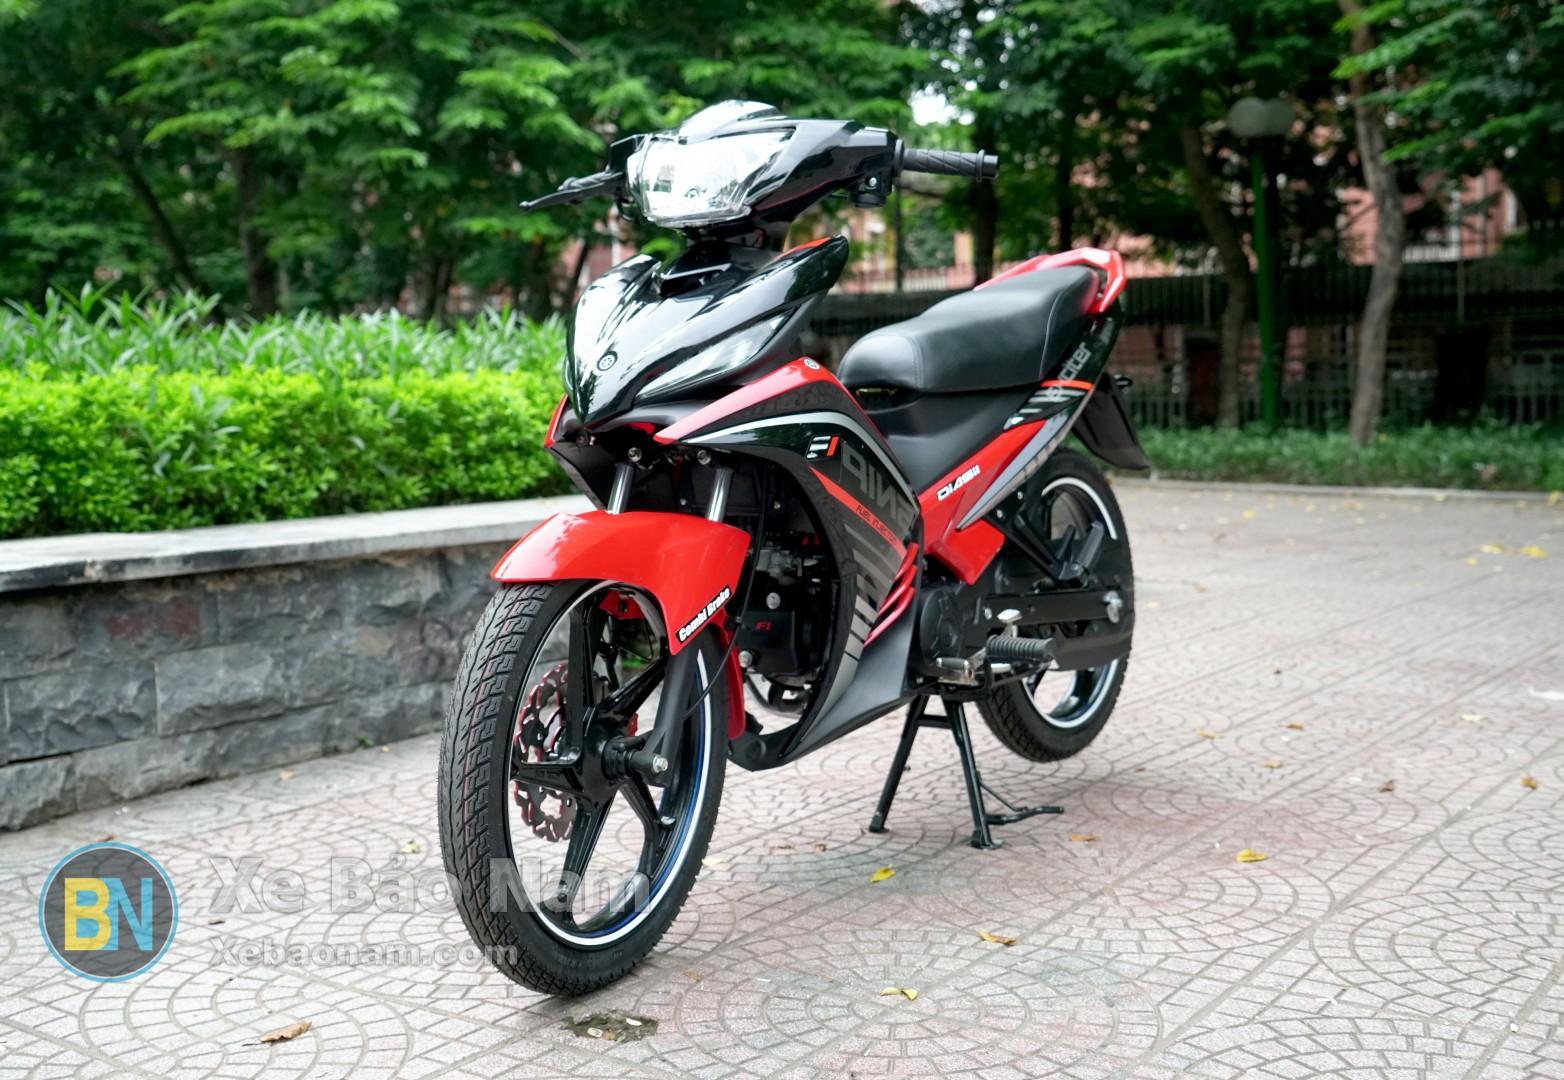 xe-may-exciter-50cc-xebaonam(2)